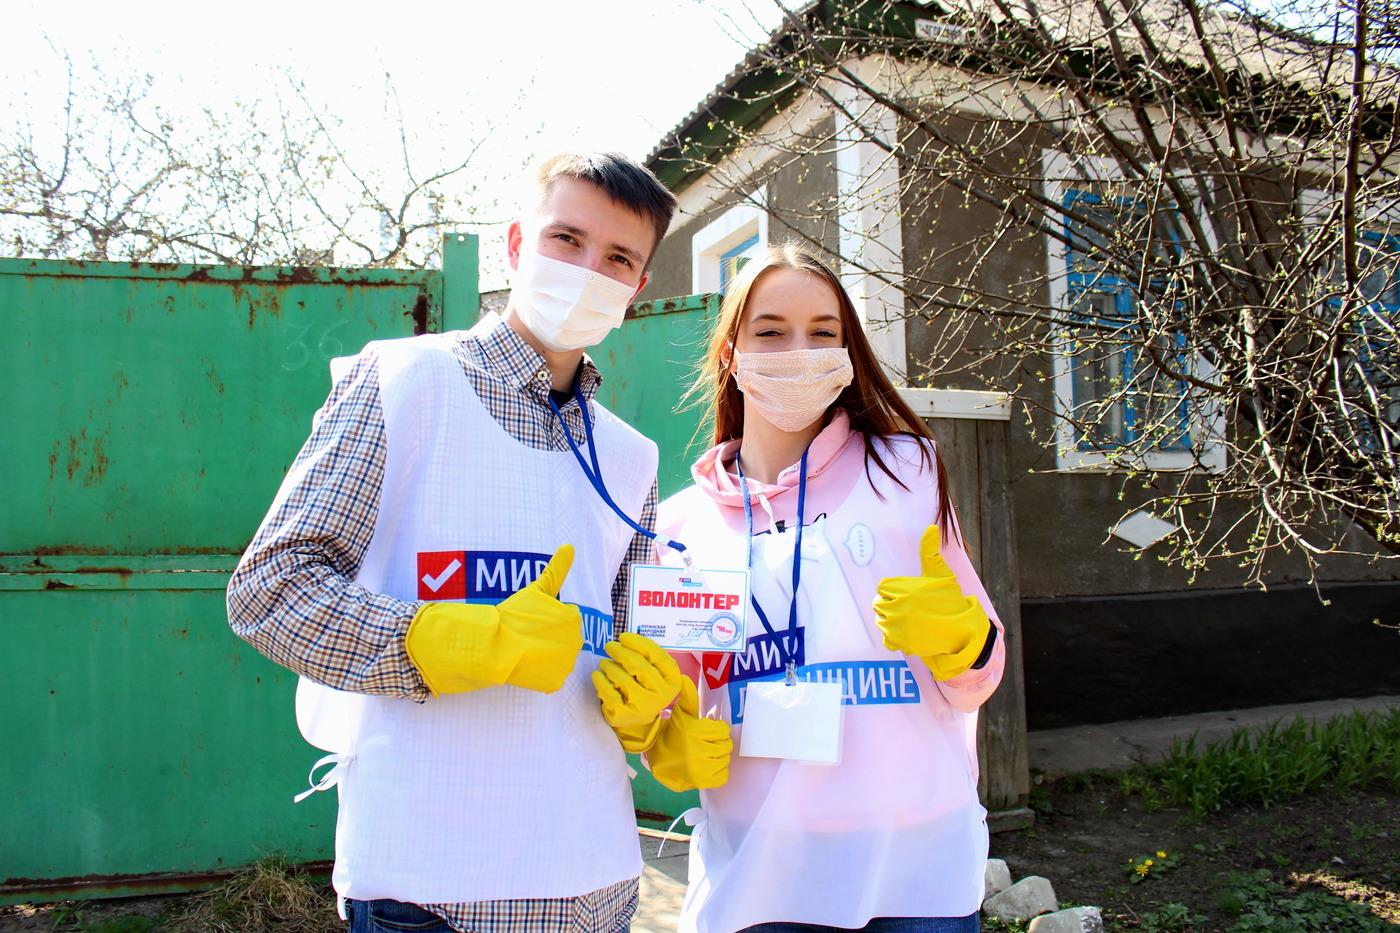 Волонтёры акции «Рука помощи, которых объединяет доброе сердце и желание помочь